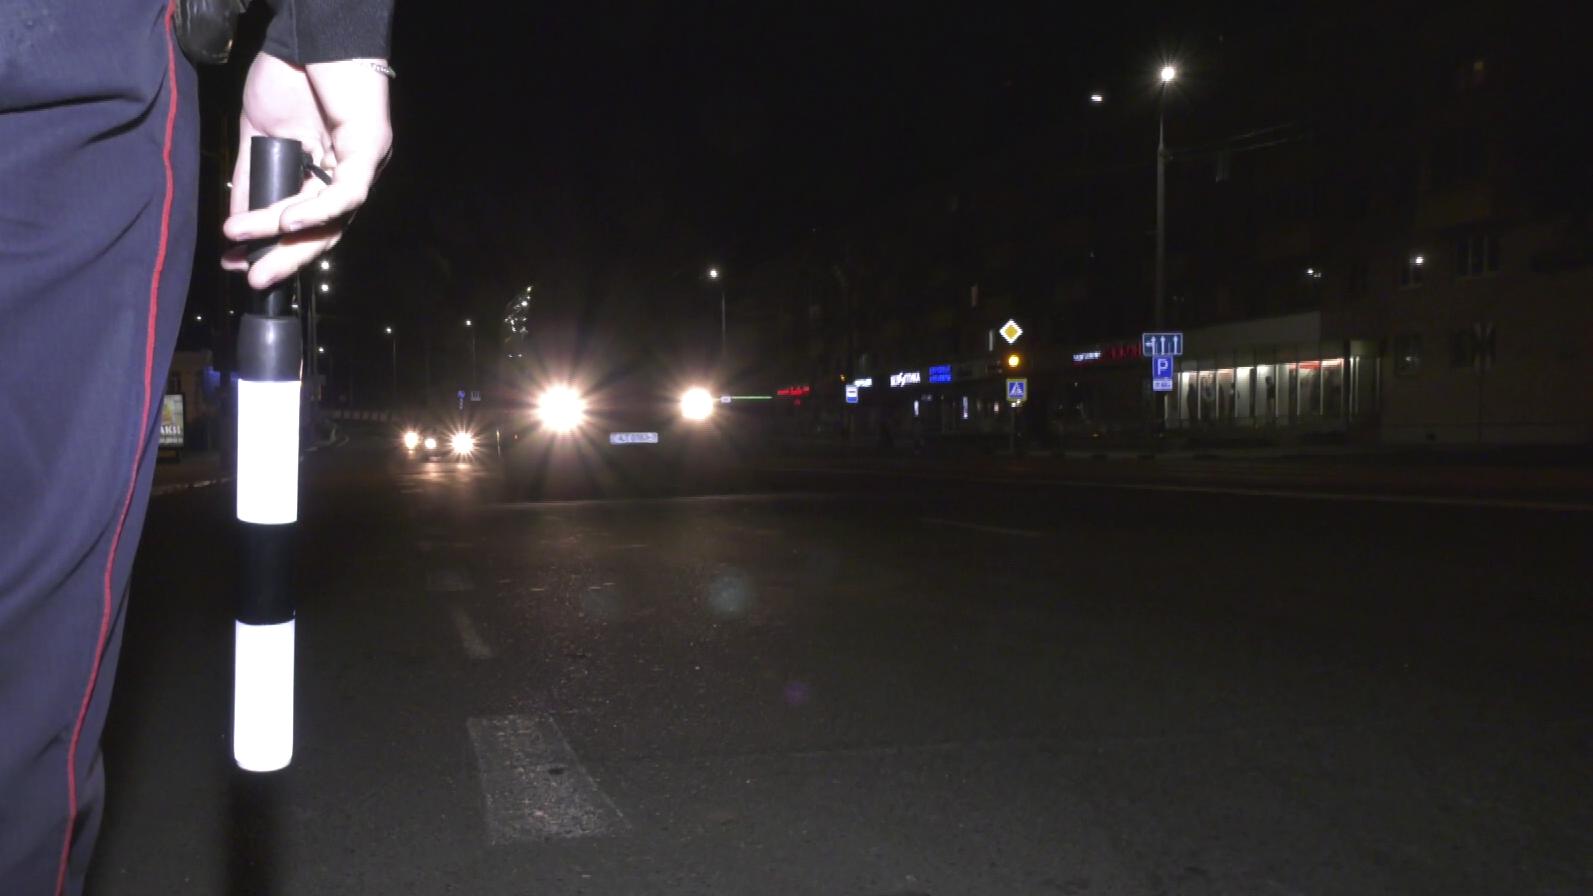 avarija - Смертельная авария в Витебске: погибла 18-летняя девушка (видео)